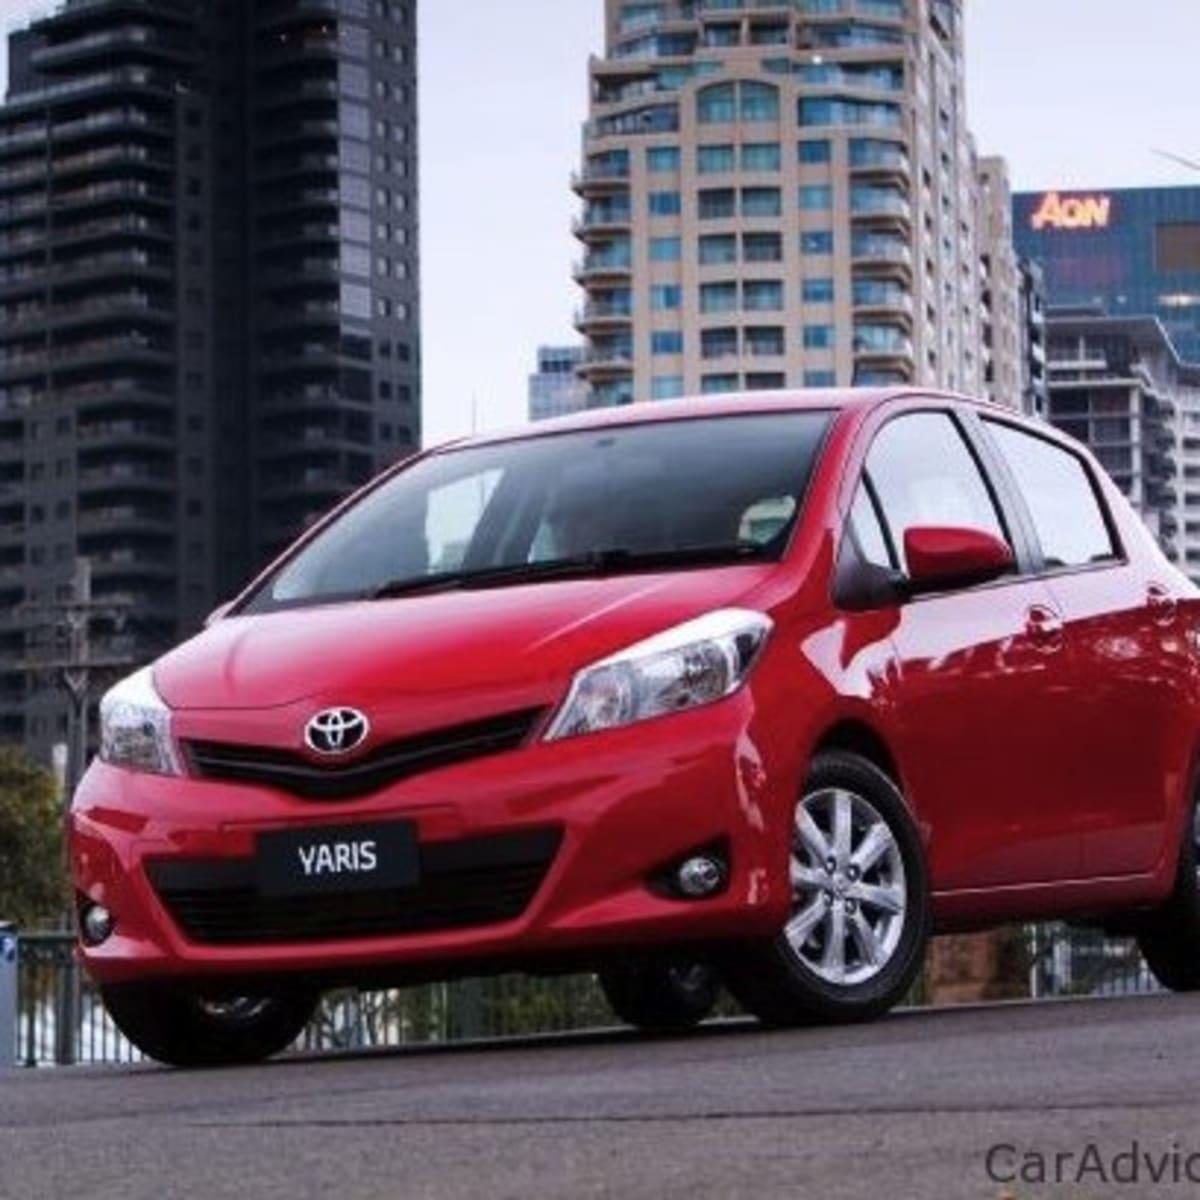 Kelebihan Toyota Yaris 2011 Perbandingan Harga